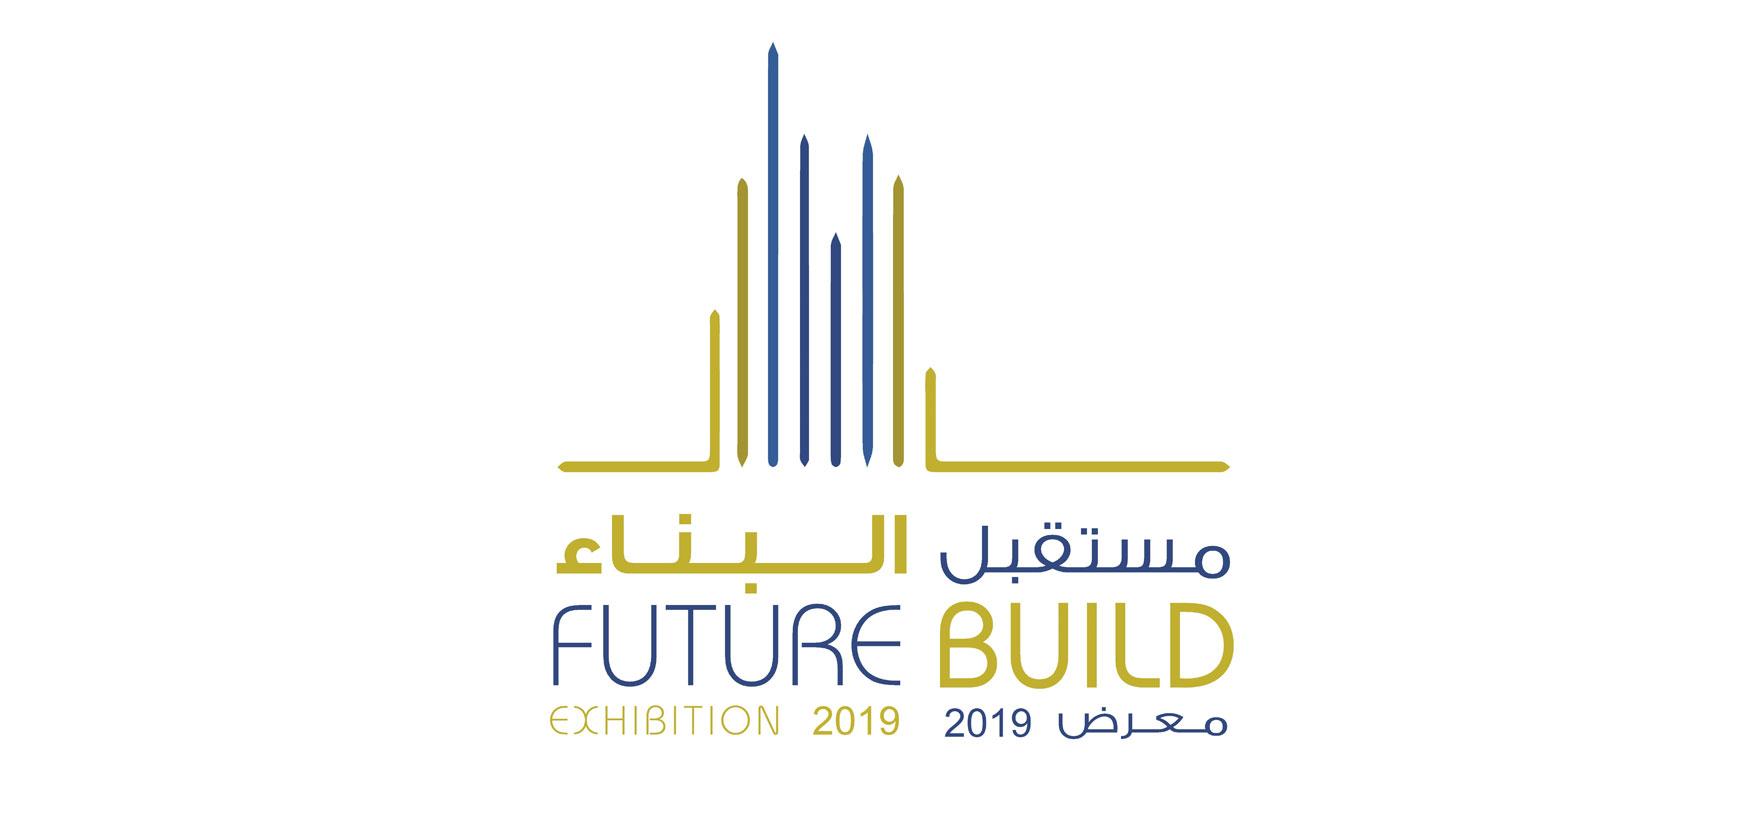 future-build-exhibition-2019-icon